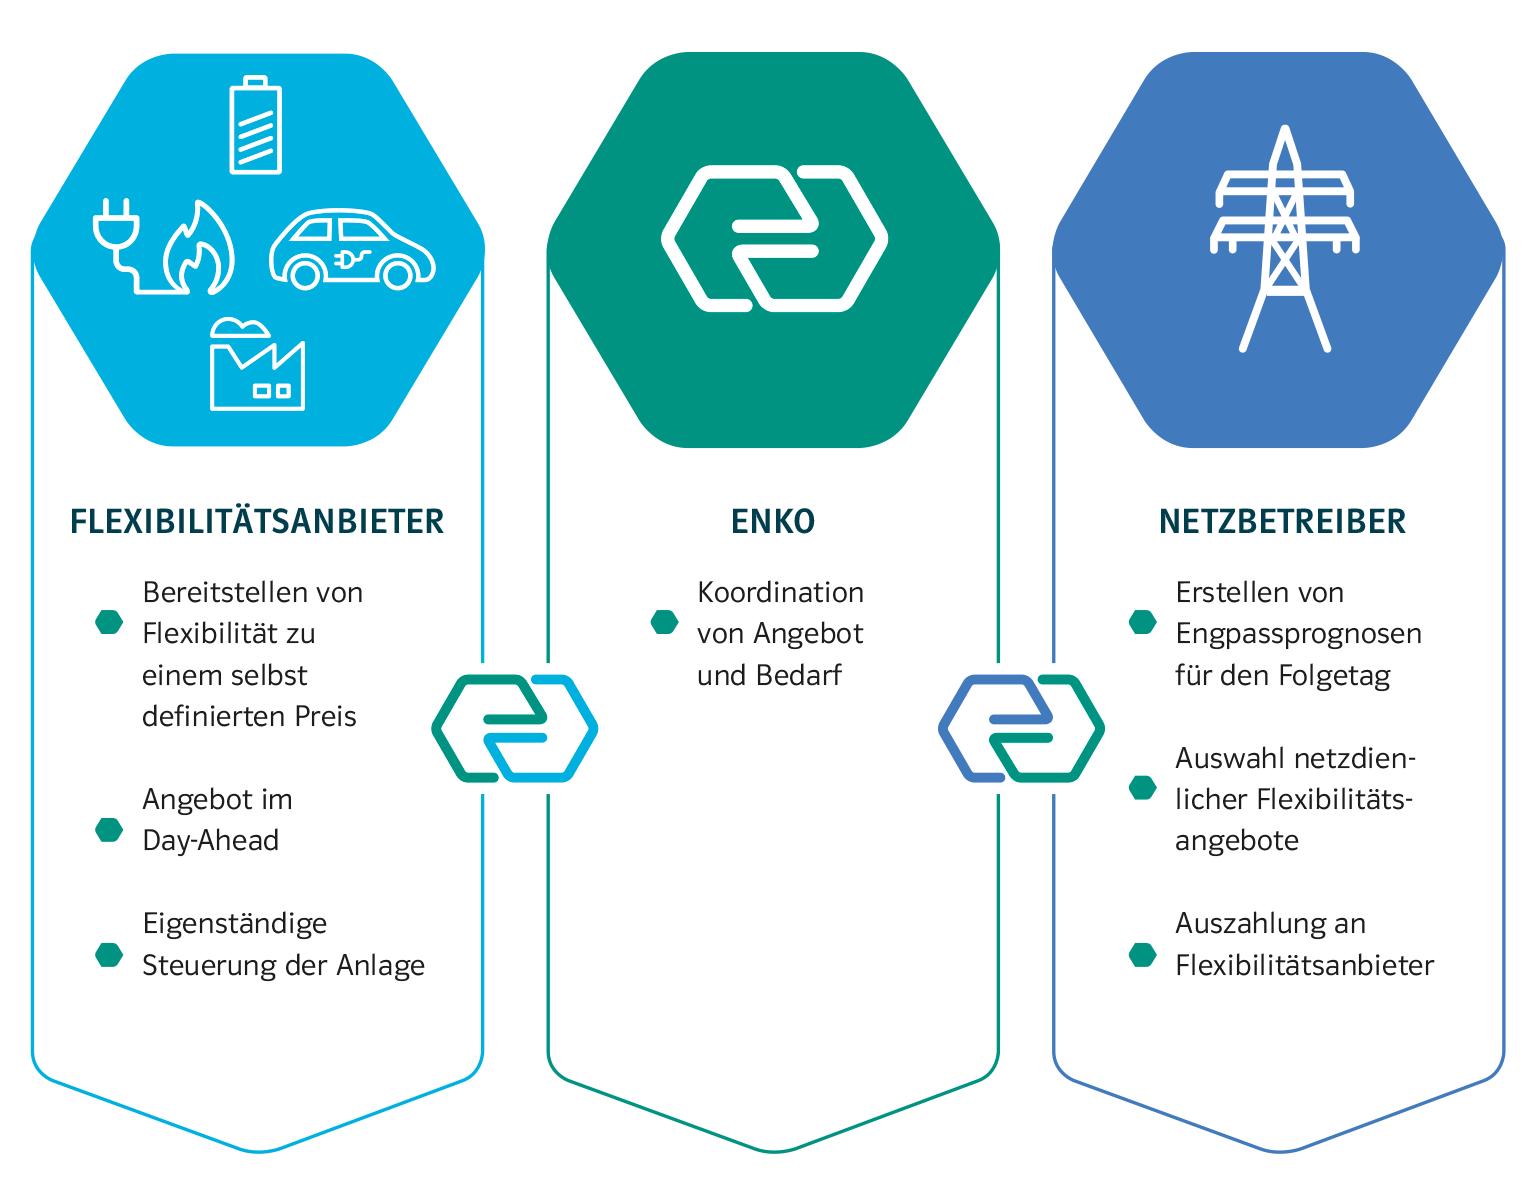 Das ENKO-Konzept im Forschungsprojekt NEW 4.0